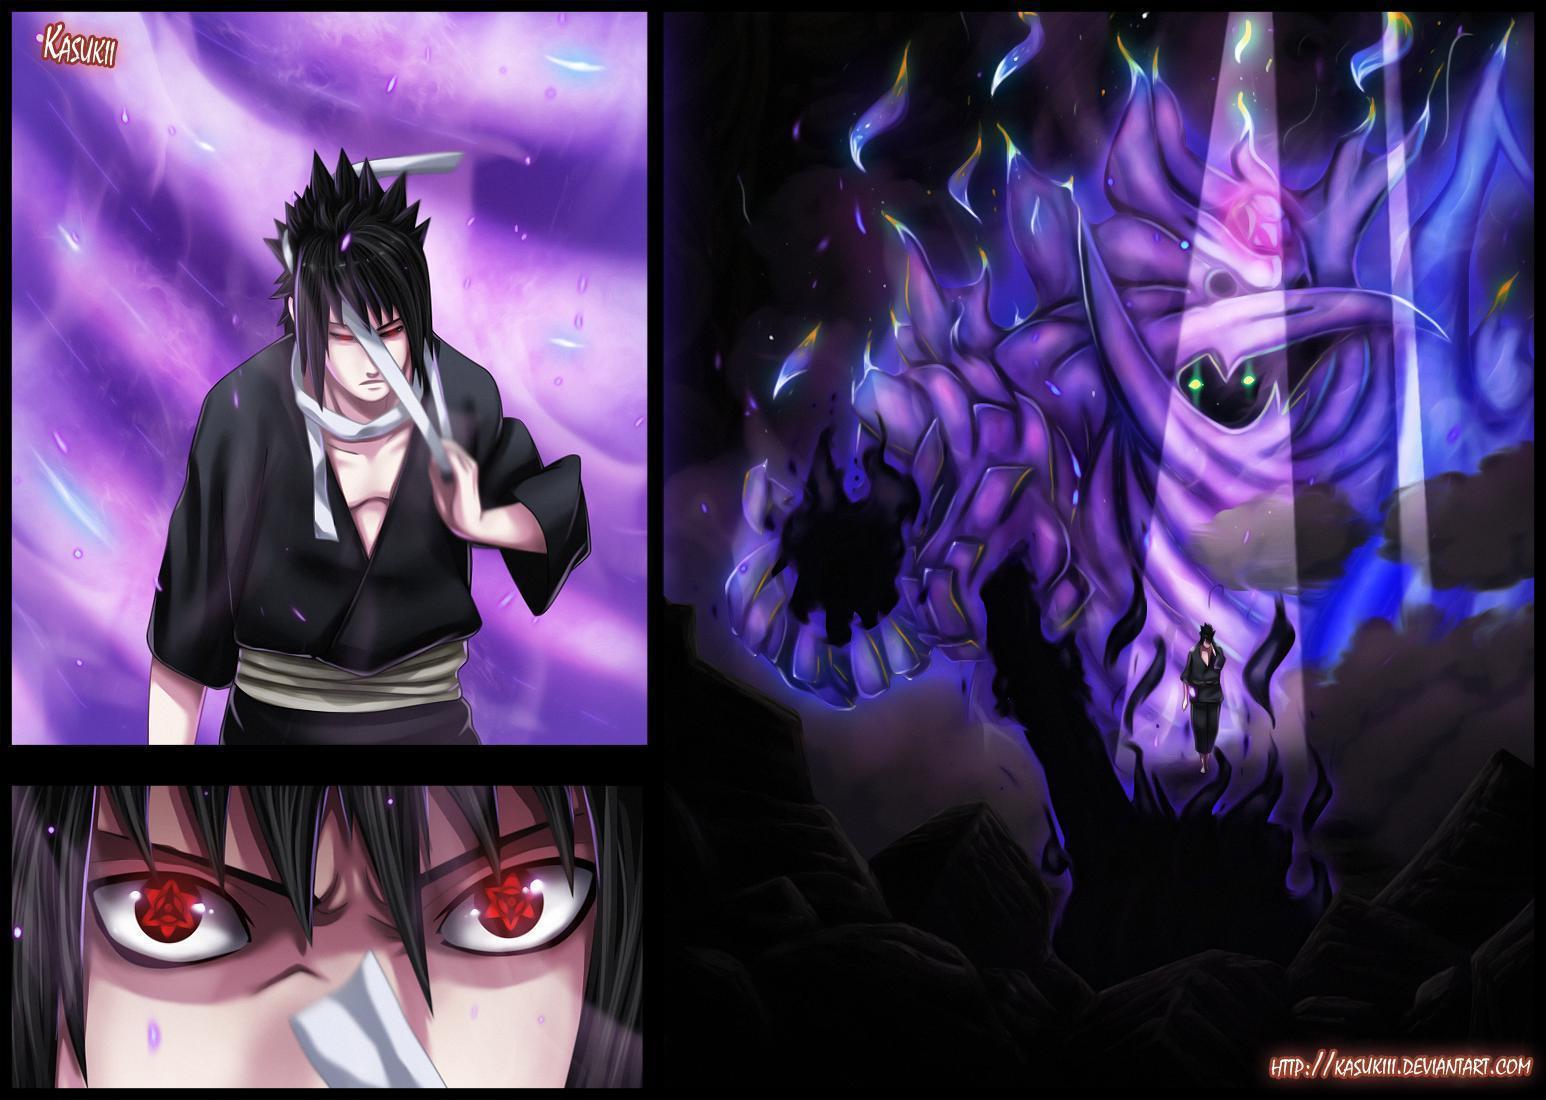 Sasuke Mangekyou Sharingan Wallpaper 63 Images